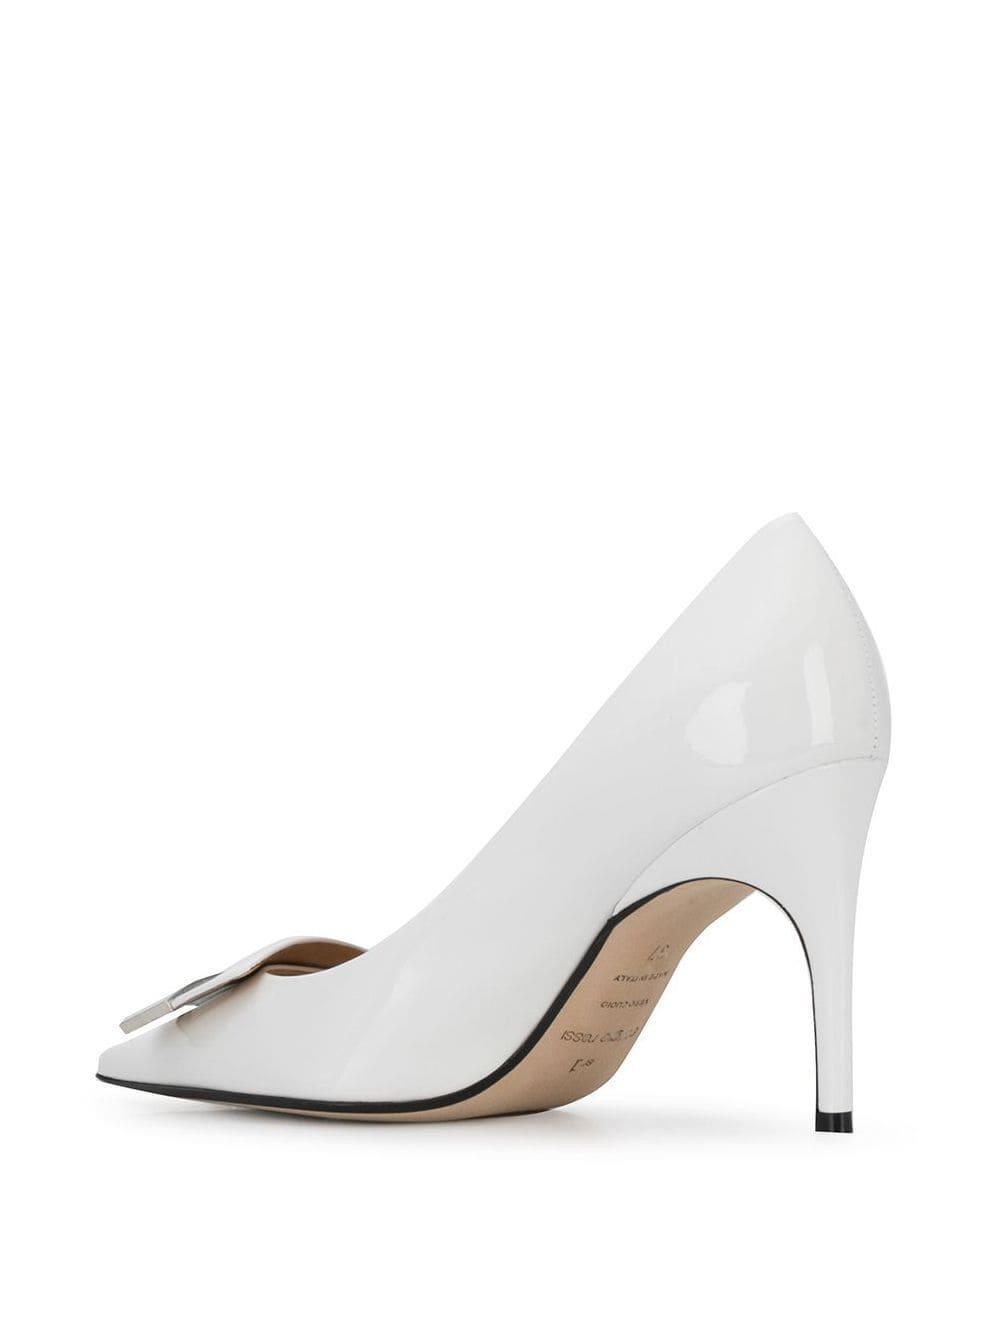 Zapatos de tacón sr1 Sergio Rossi de Cuero de color Blanco